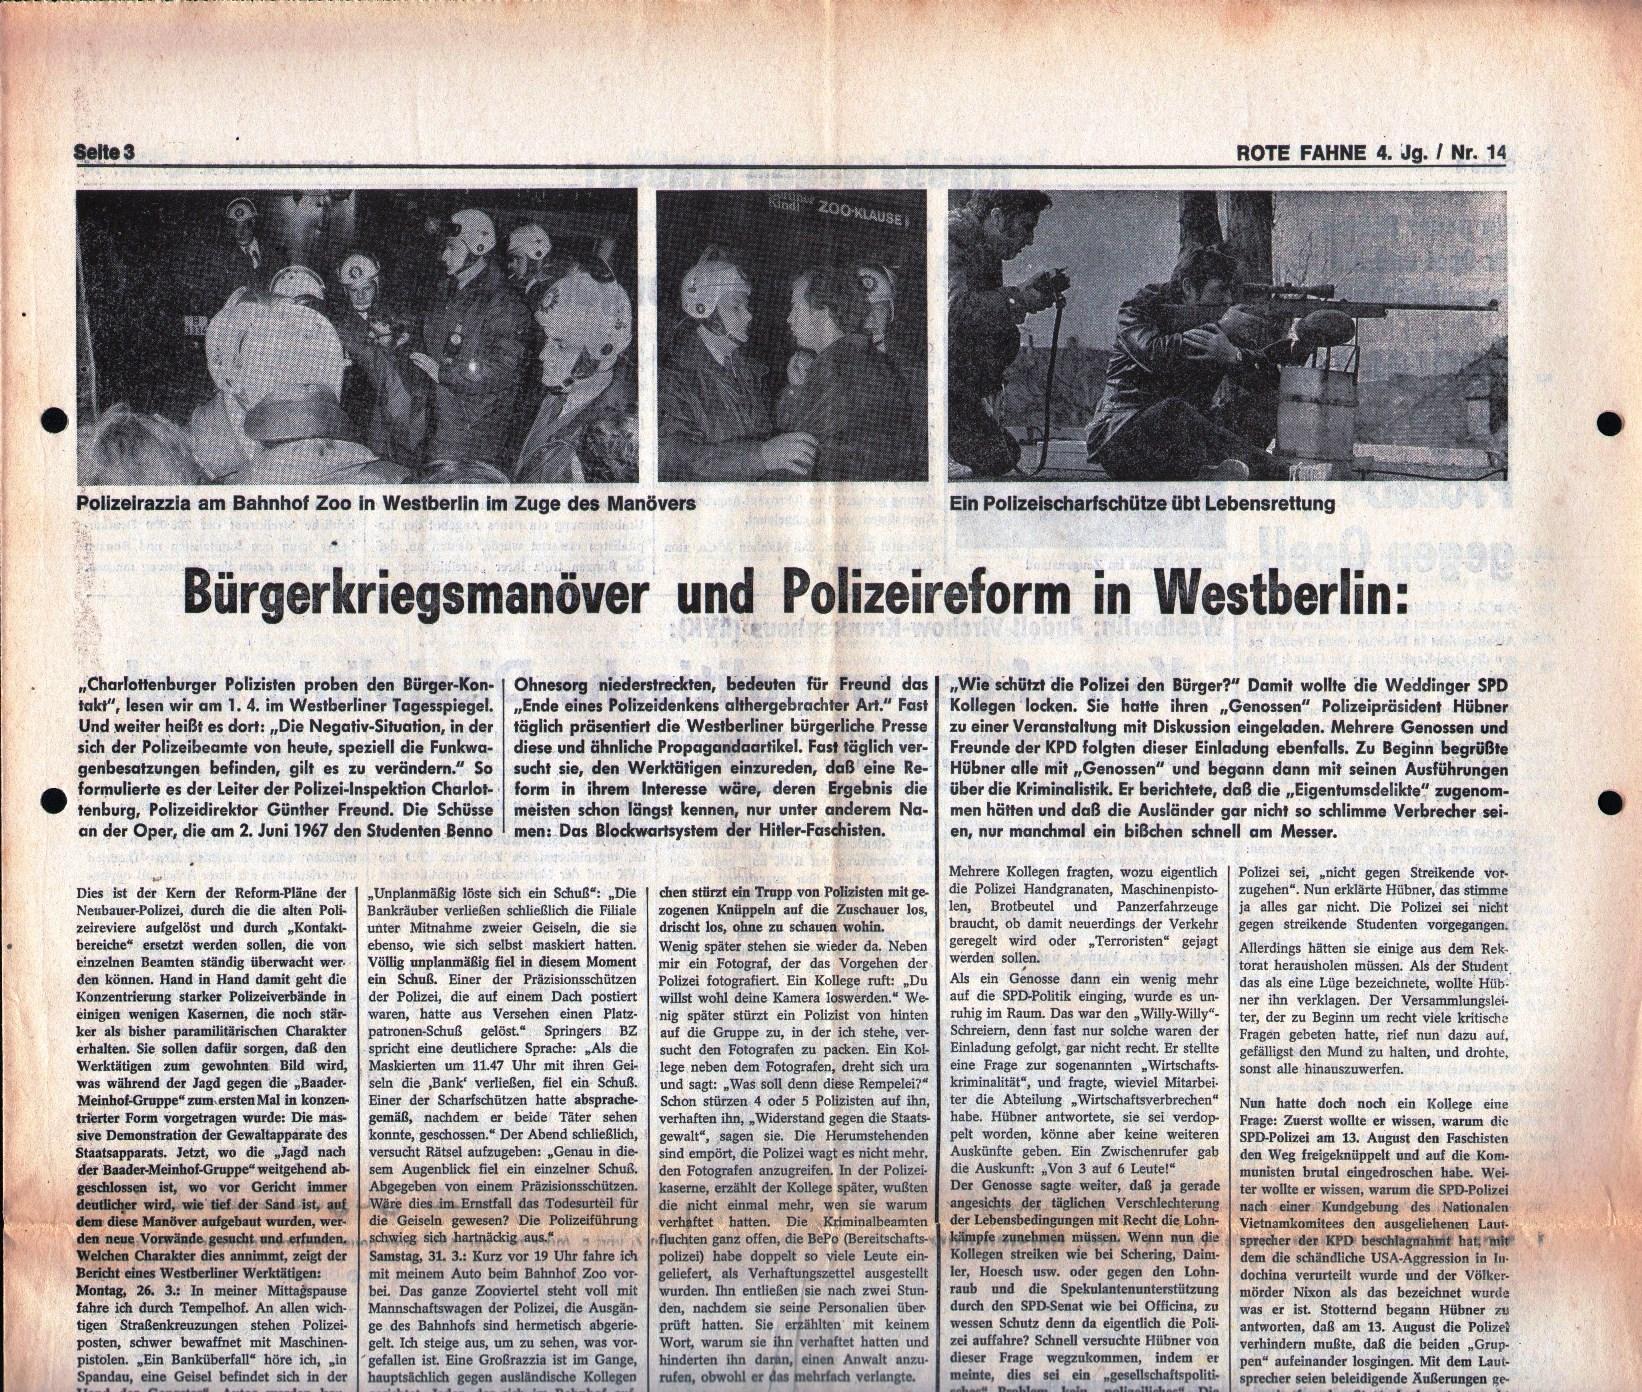 KPD_Rote_Fahne_1973_14_05